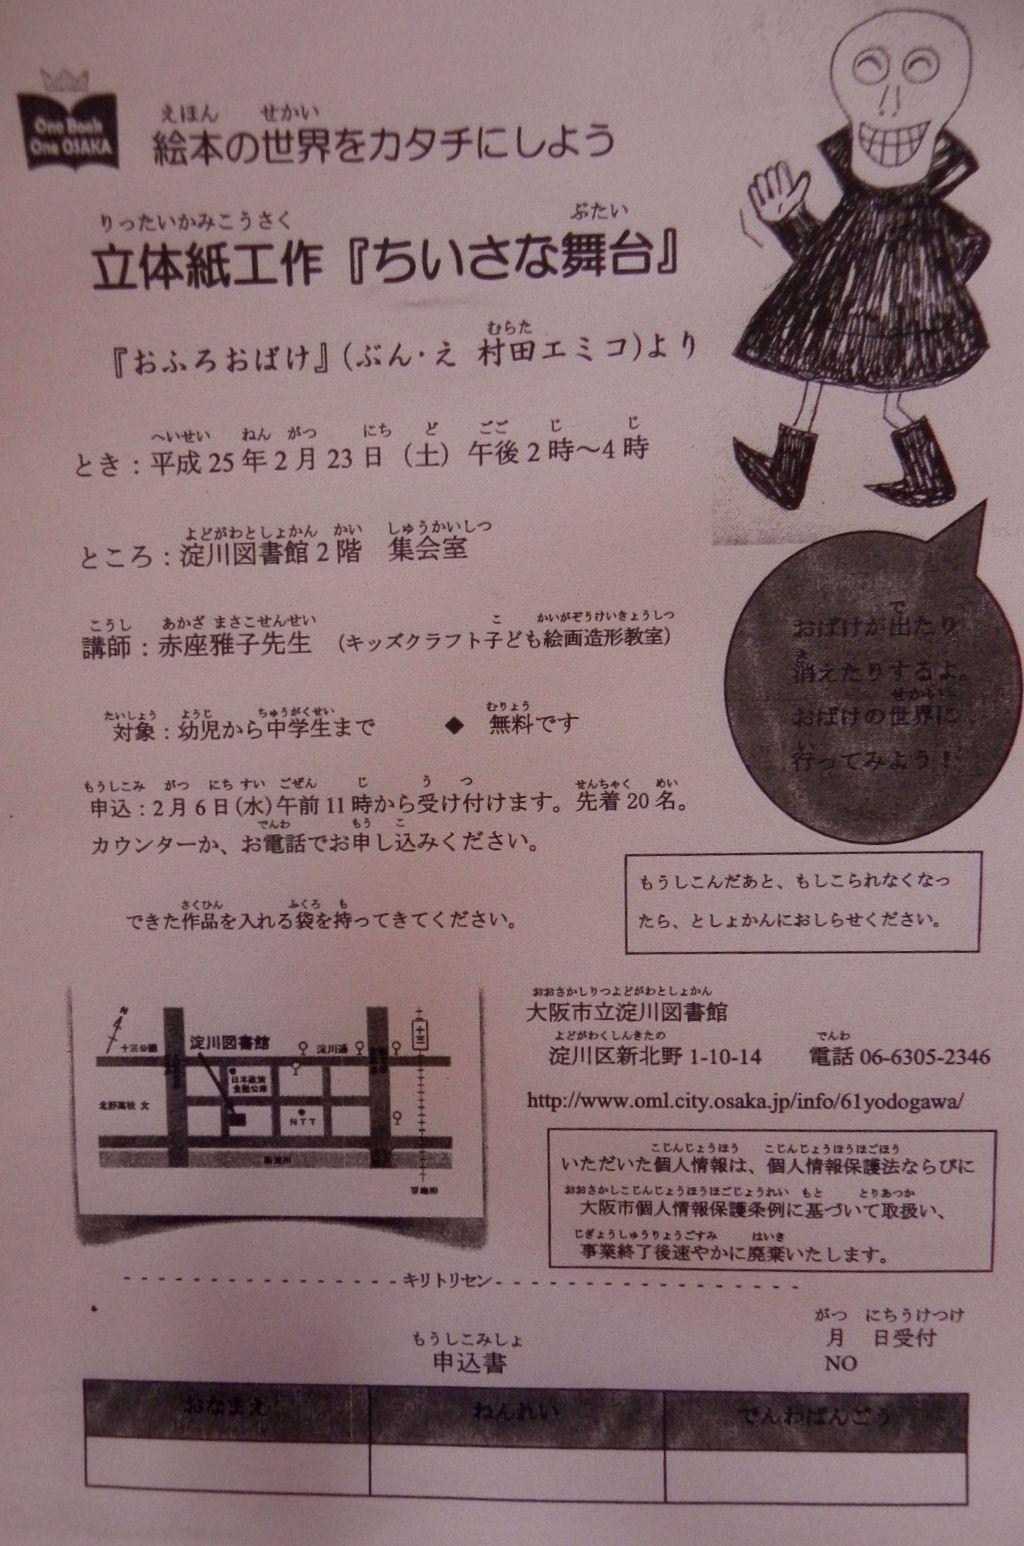 小さな舞台〜2月23日(土)淀川図書館でagain_d0076558_16403294.jpg